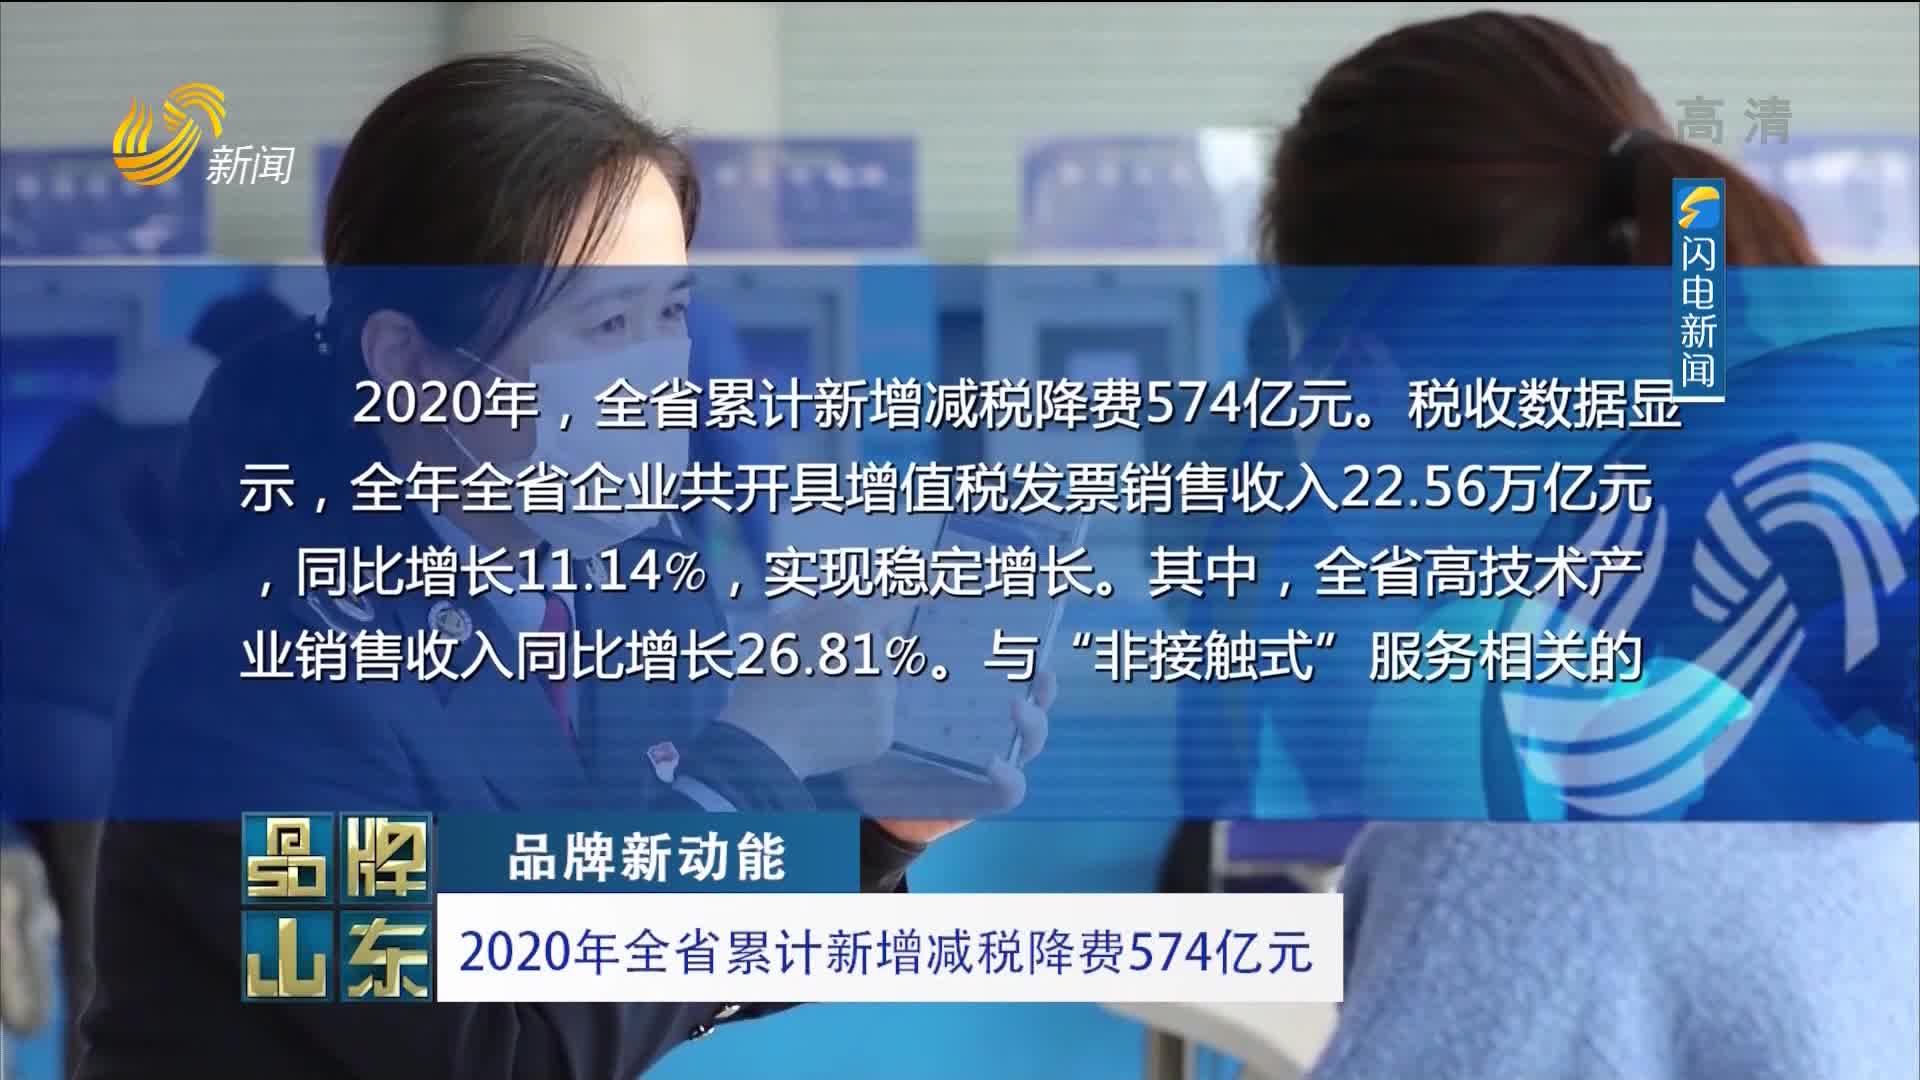 【品牌新动能】2020年全省累计新增减税降费574亿元